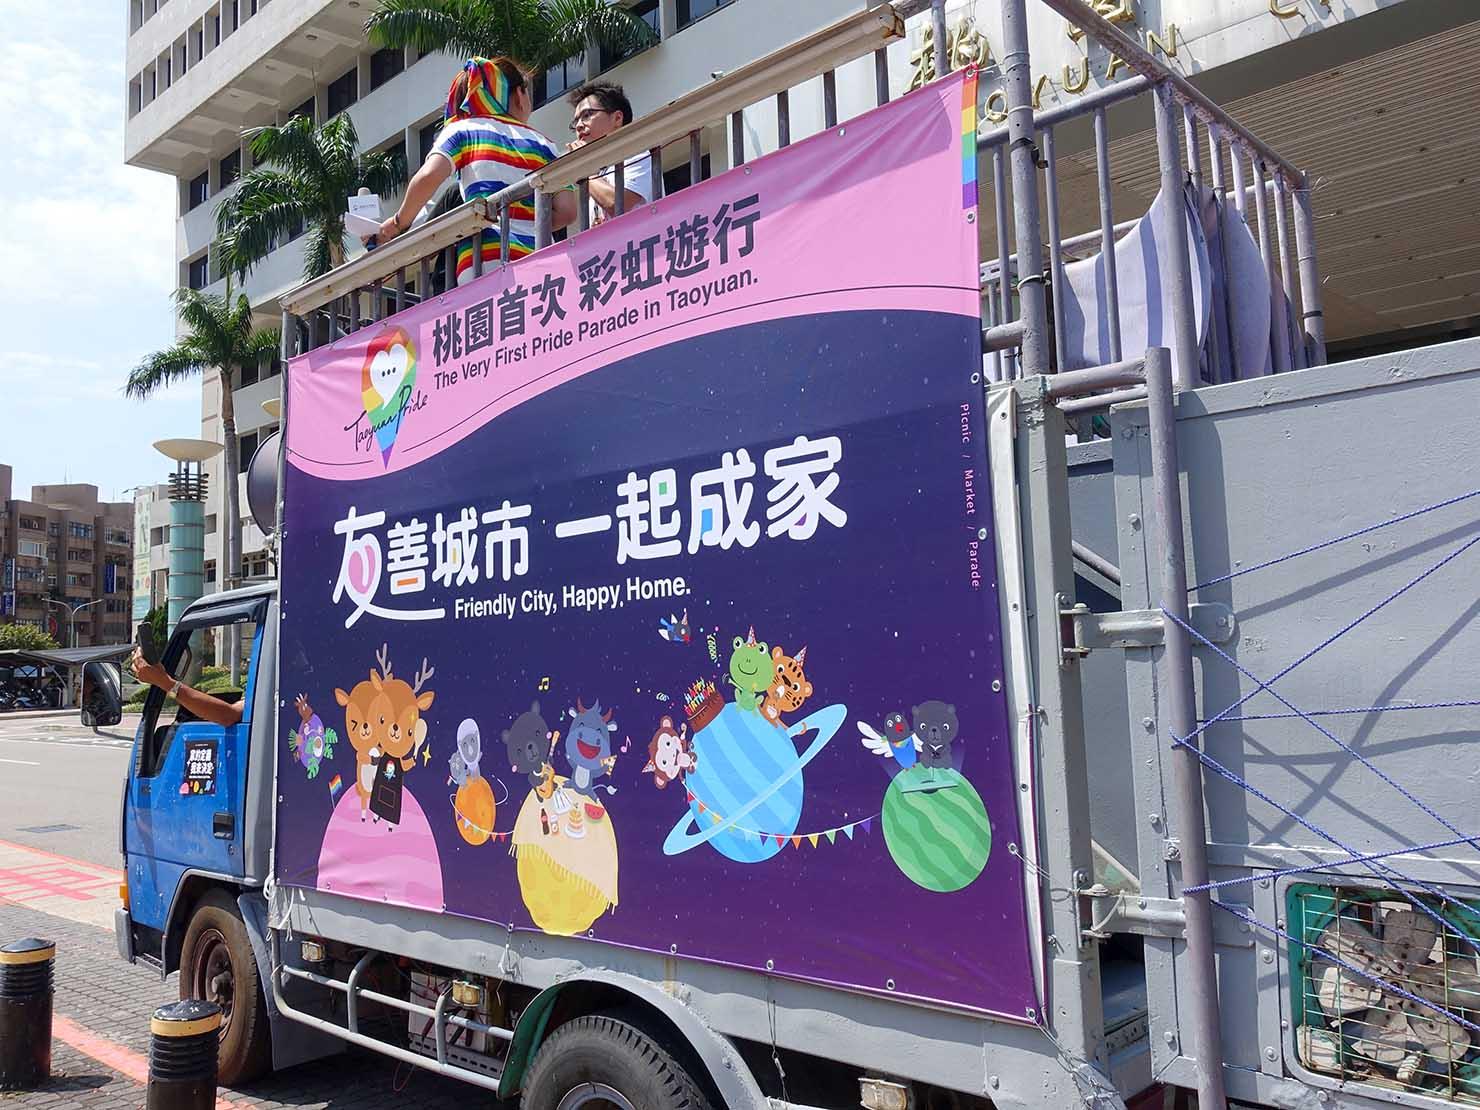 台湾・桃園のLGBTプライド「桃園彩虹野餐日」2020のテーマ